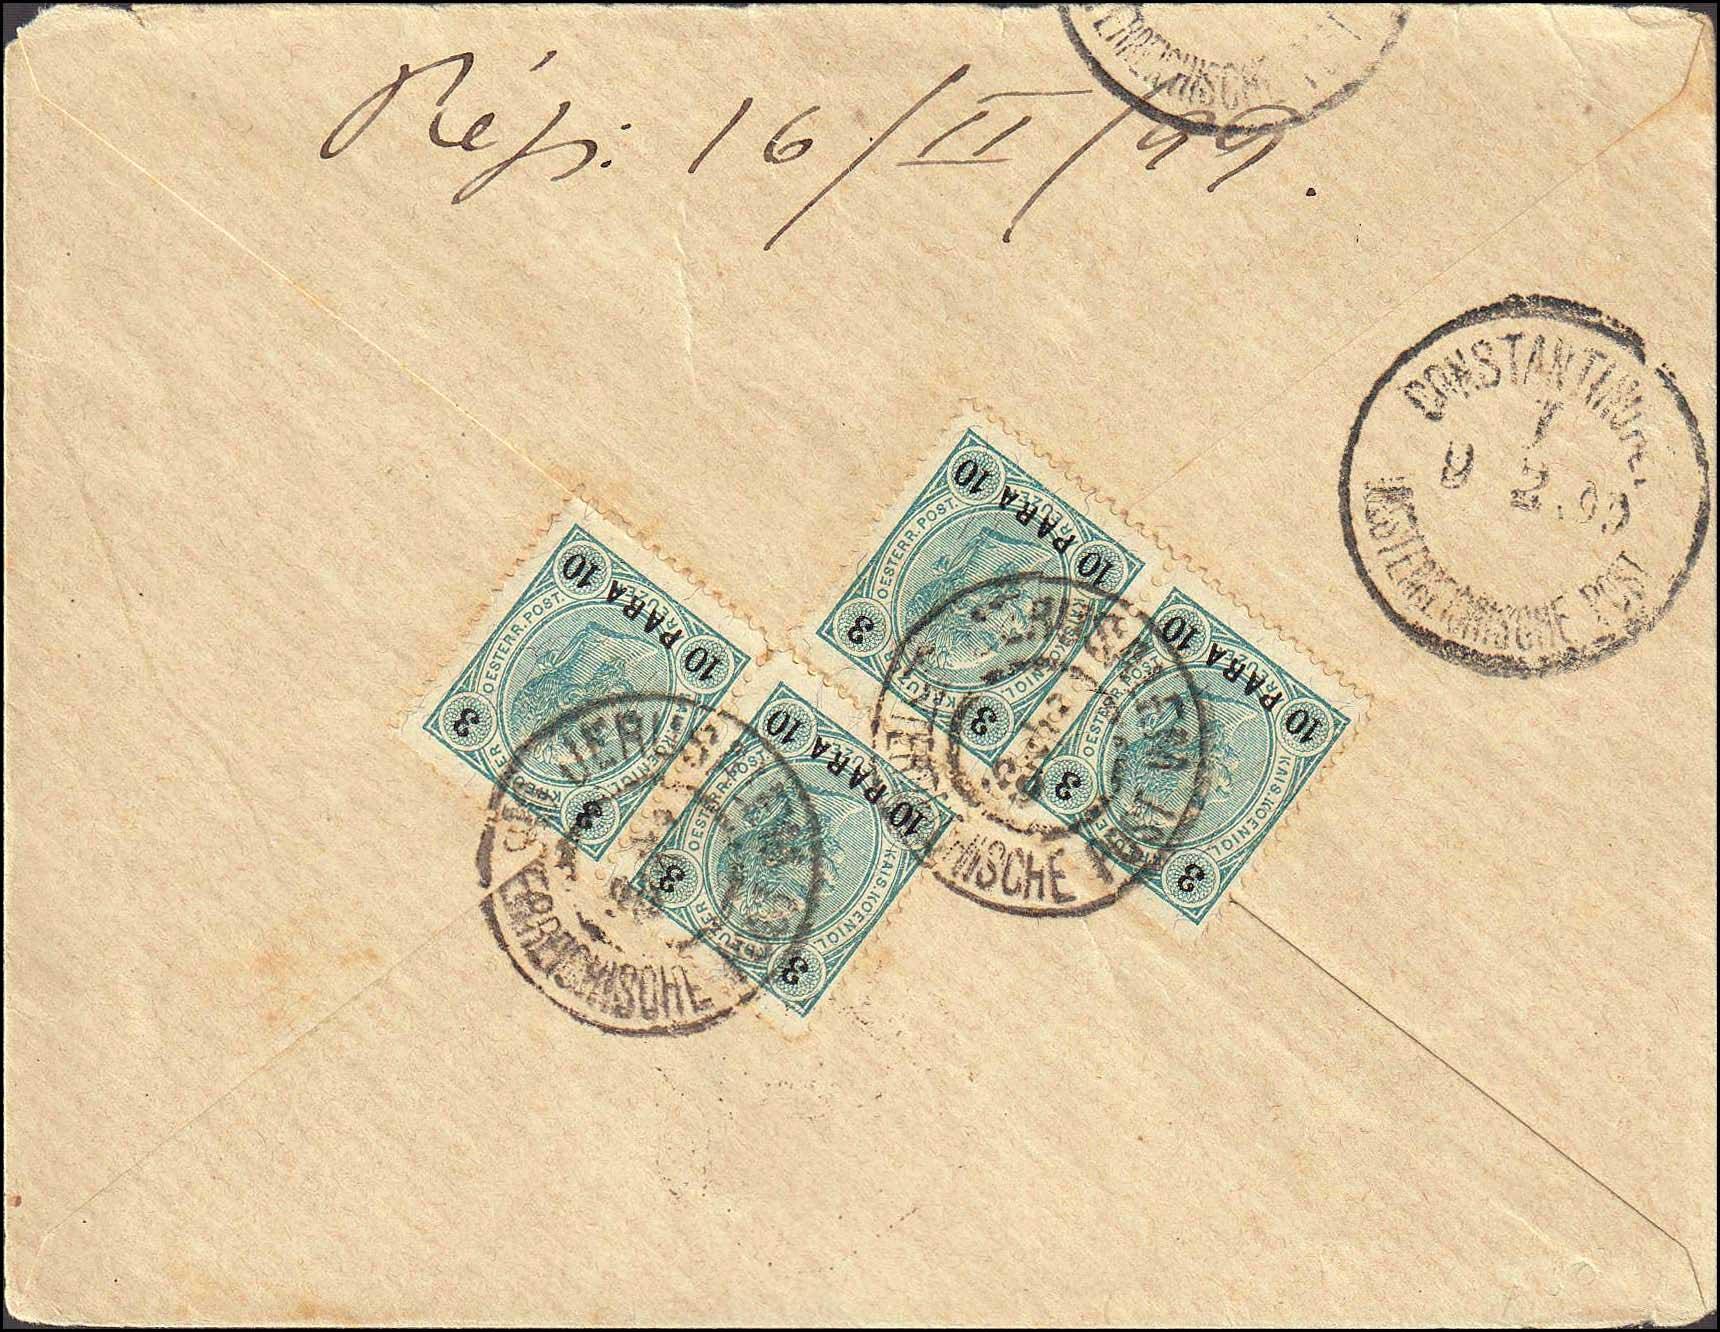 Lot 820 - -  LEVANT AUSTRIAN P.O. -  A. Karamitsos Public Auction № 670 General Sale